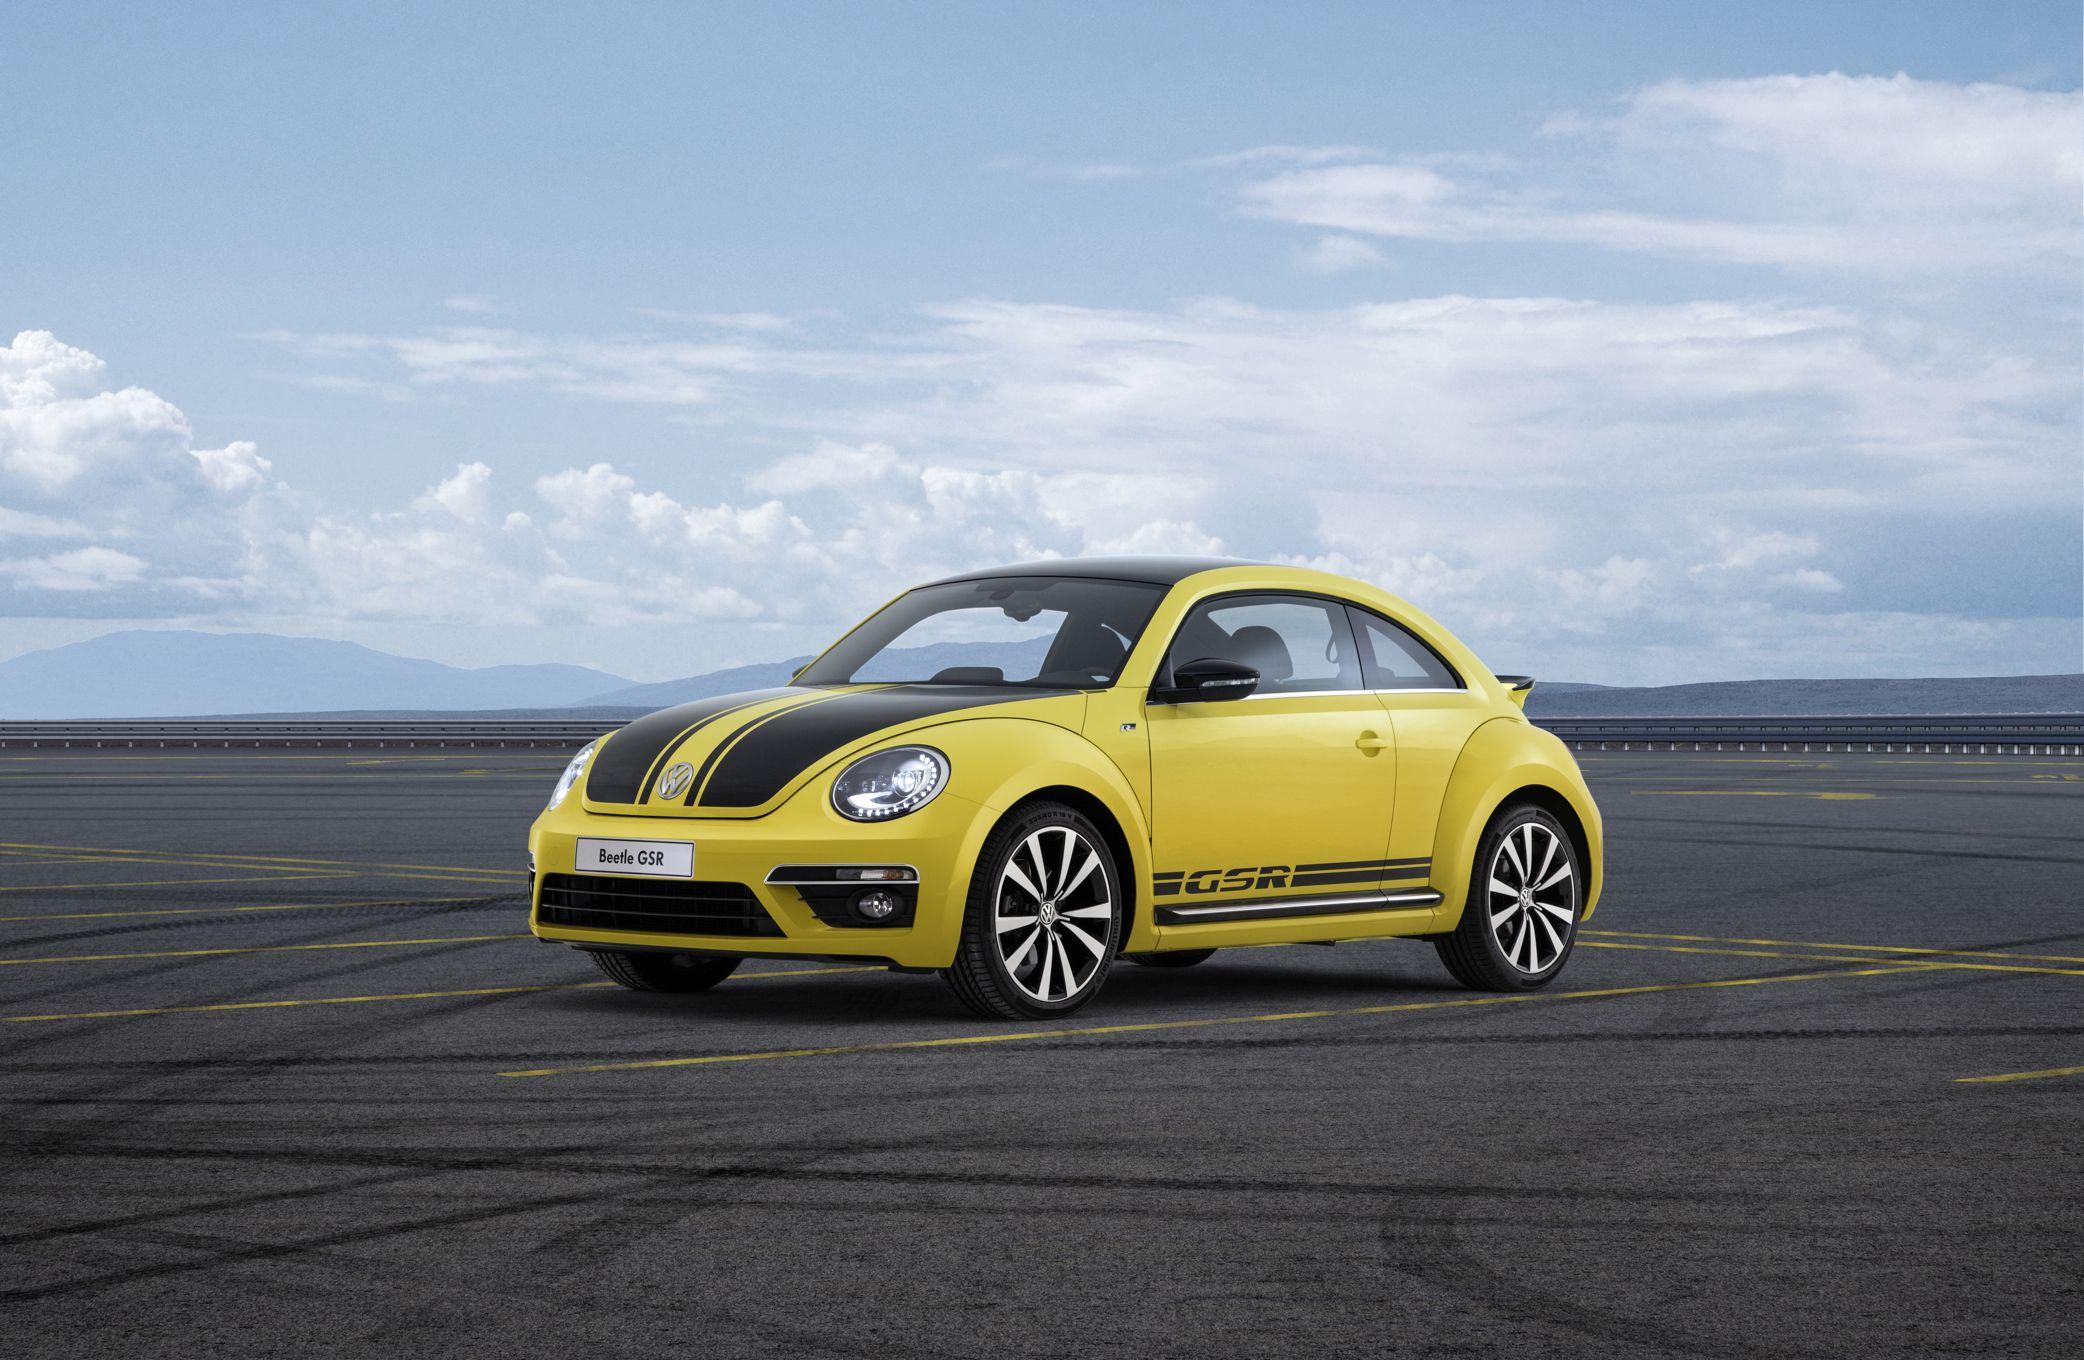 2014 Volkswagen Beetle GSR Front Three Quarter 31